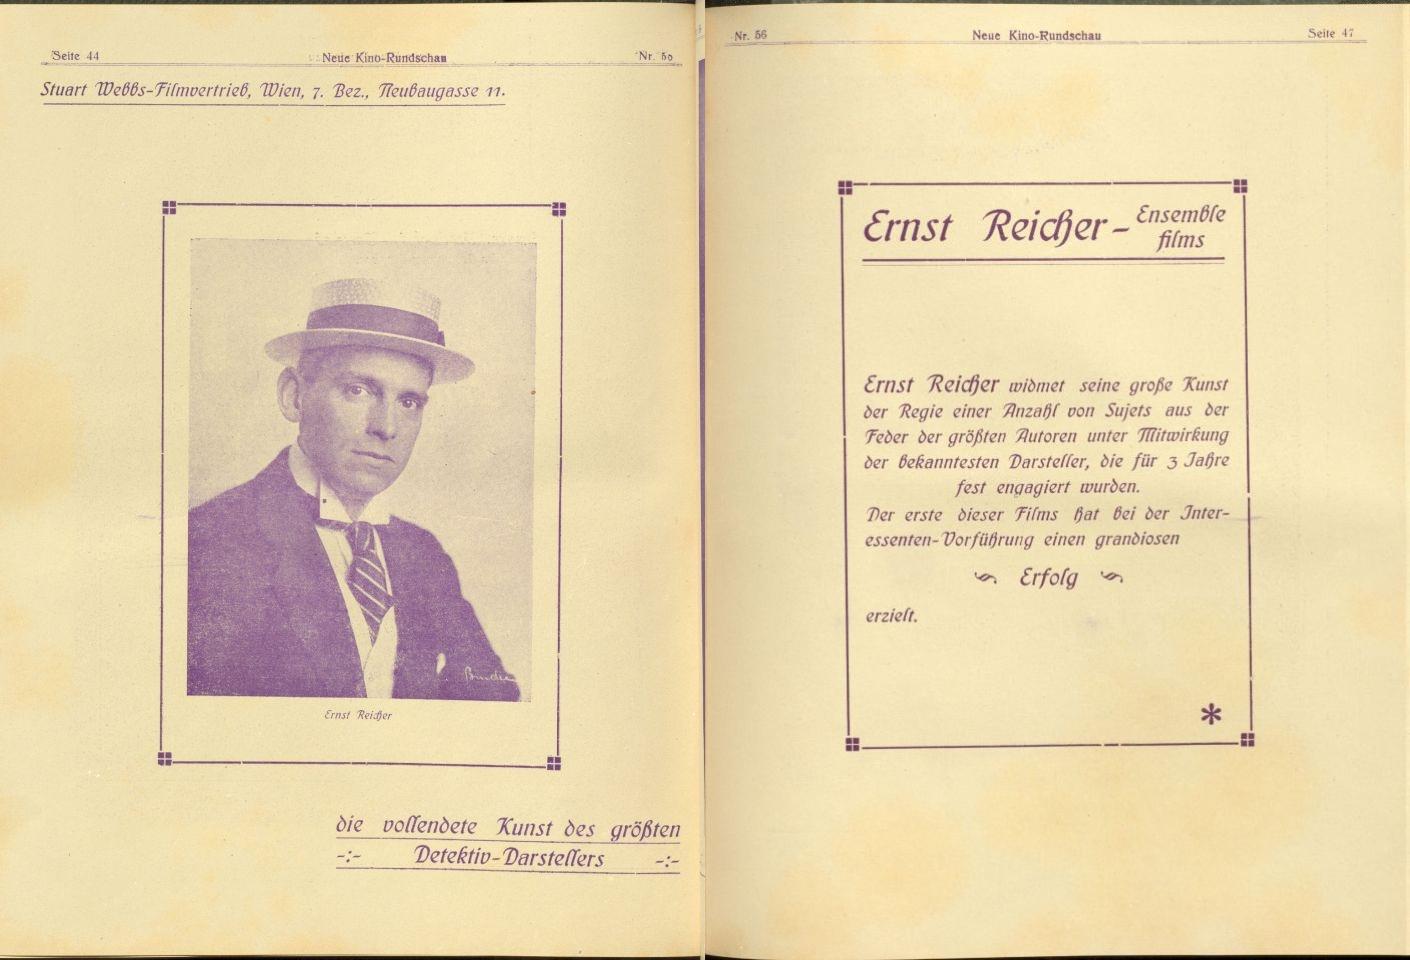 1919年3月30日付ノイエ・キノ・ルントシャウ誌よりスチュワート・ウェッブス社広告